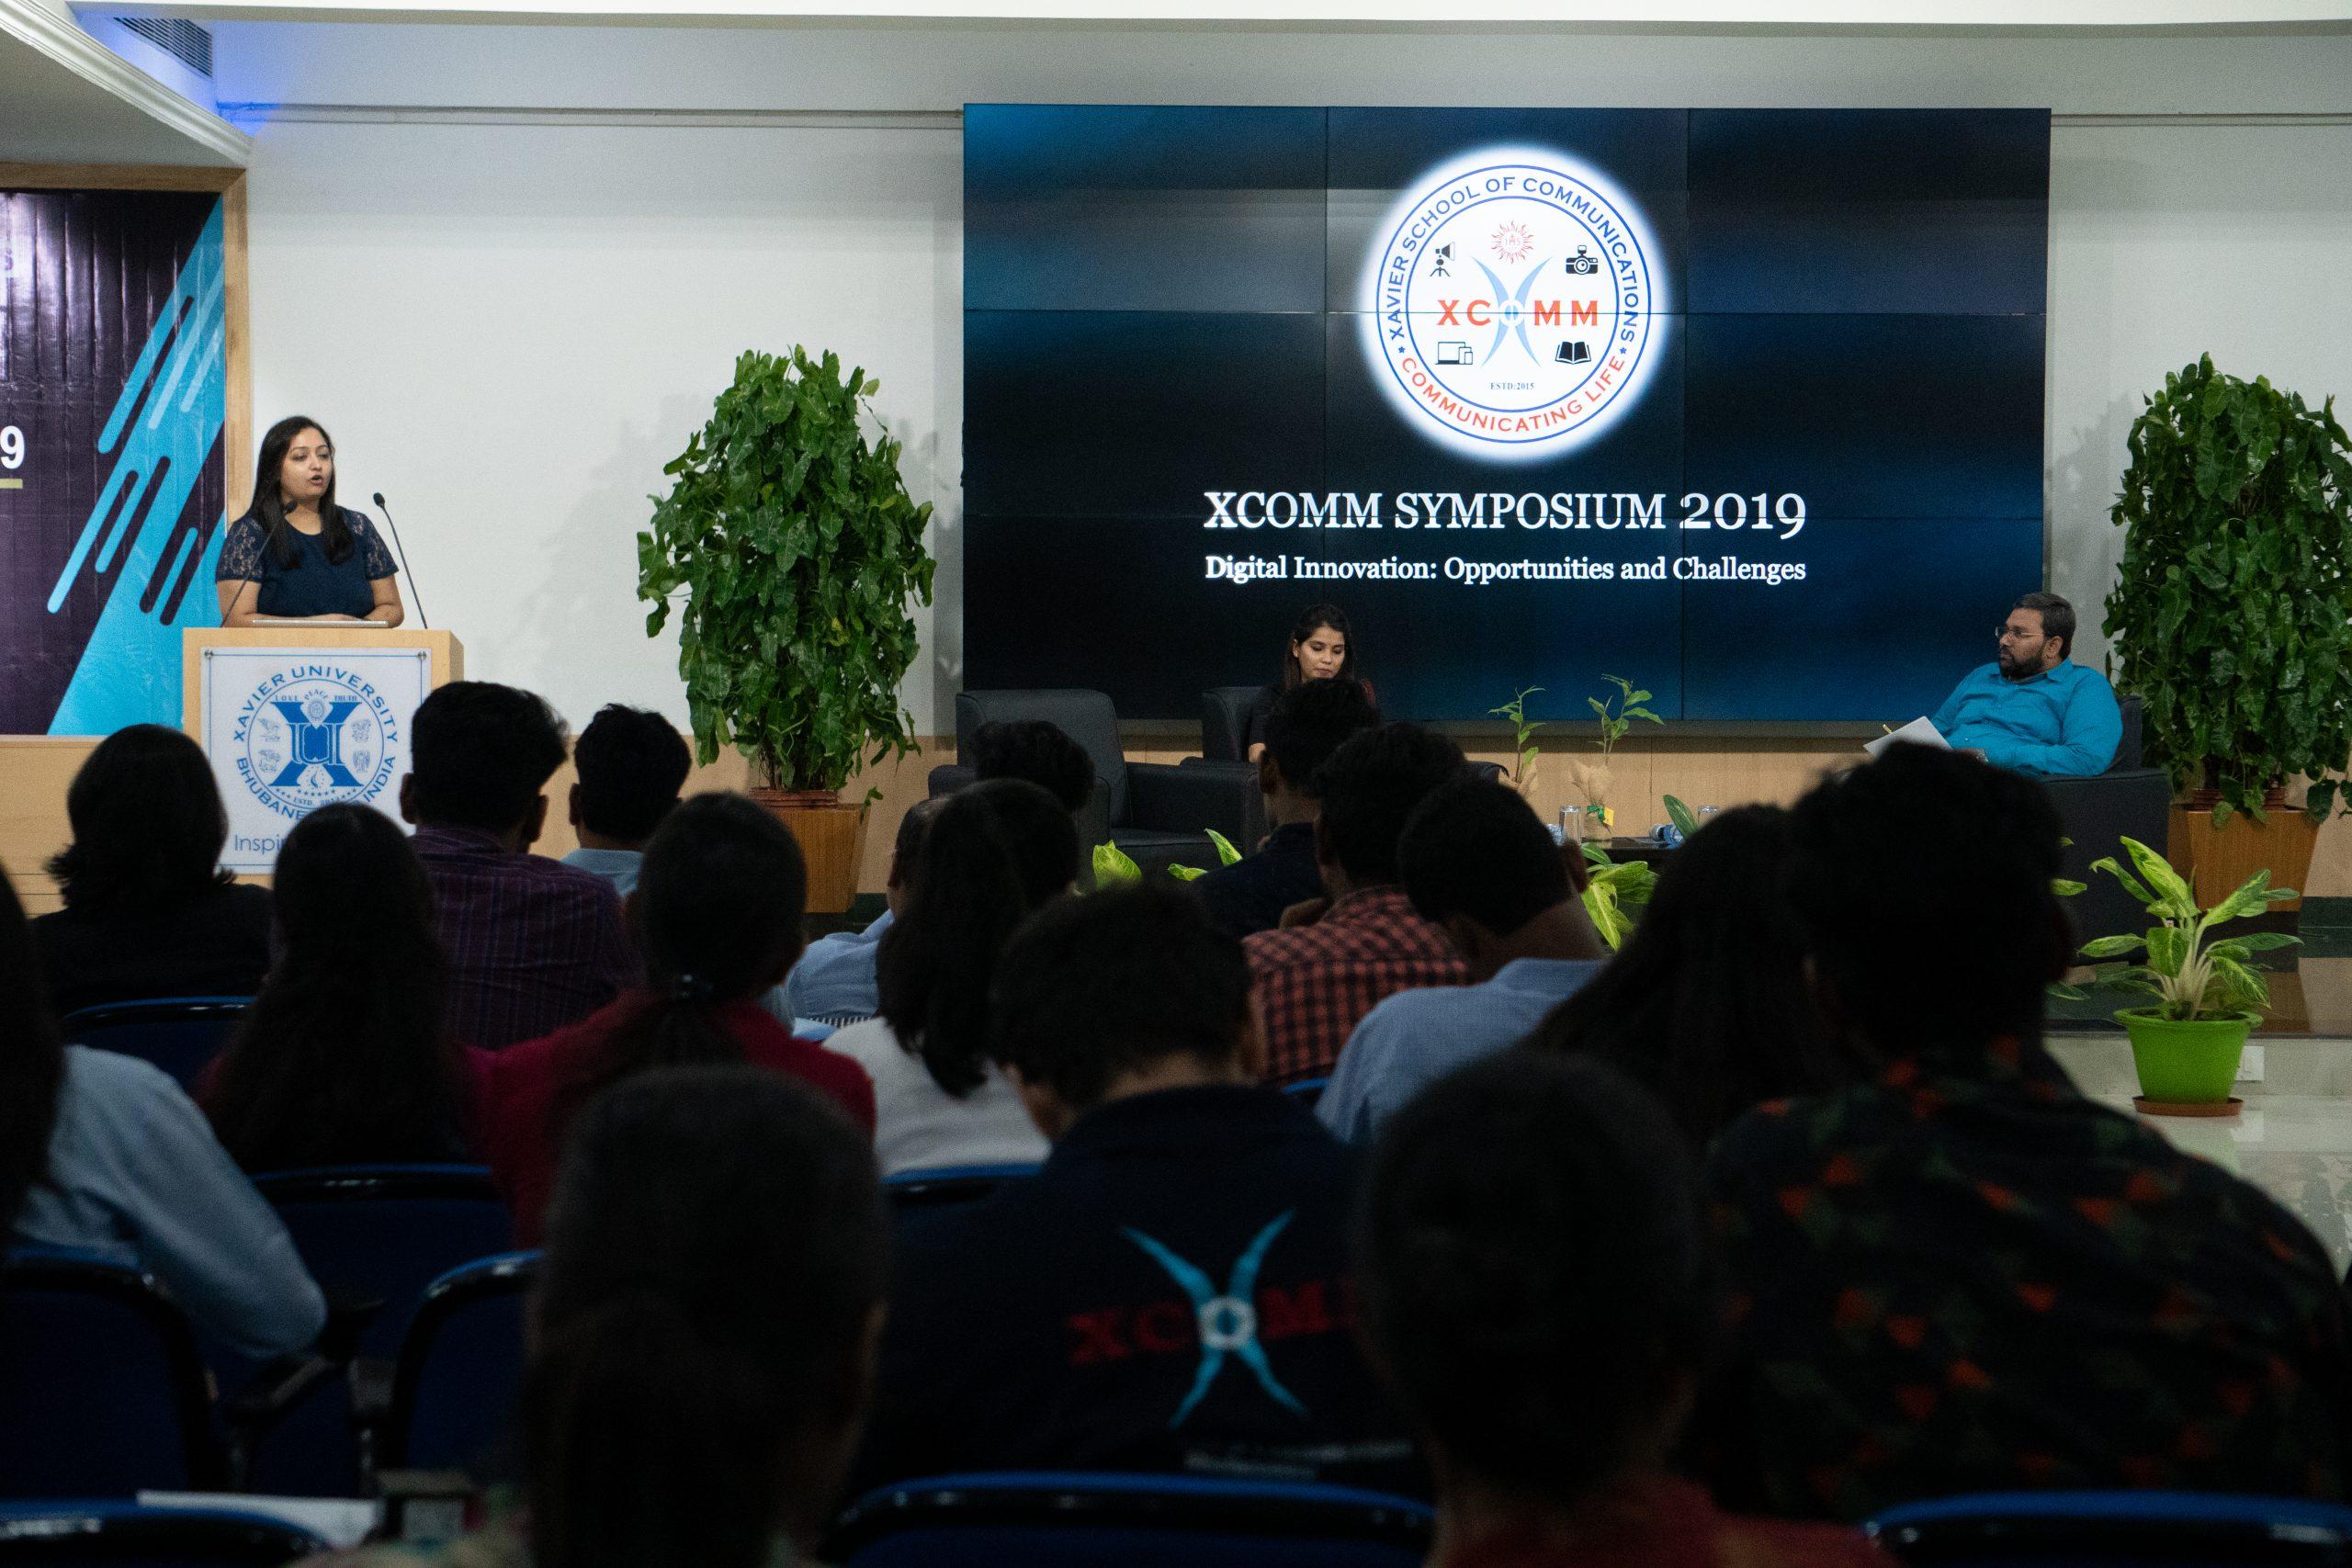 symposium 2019 October 13